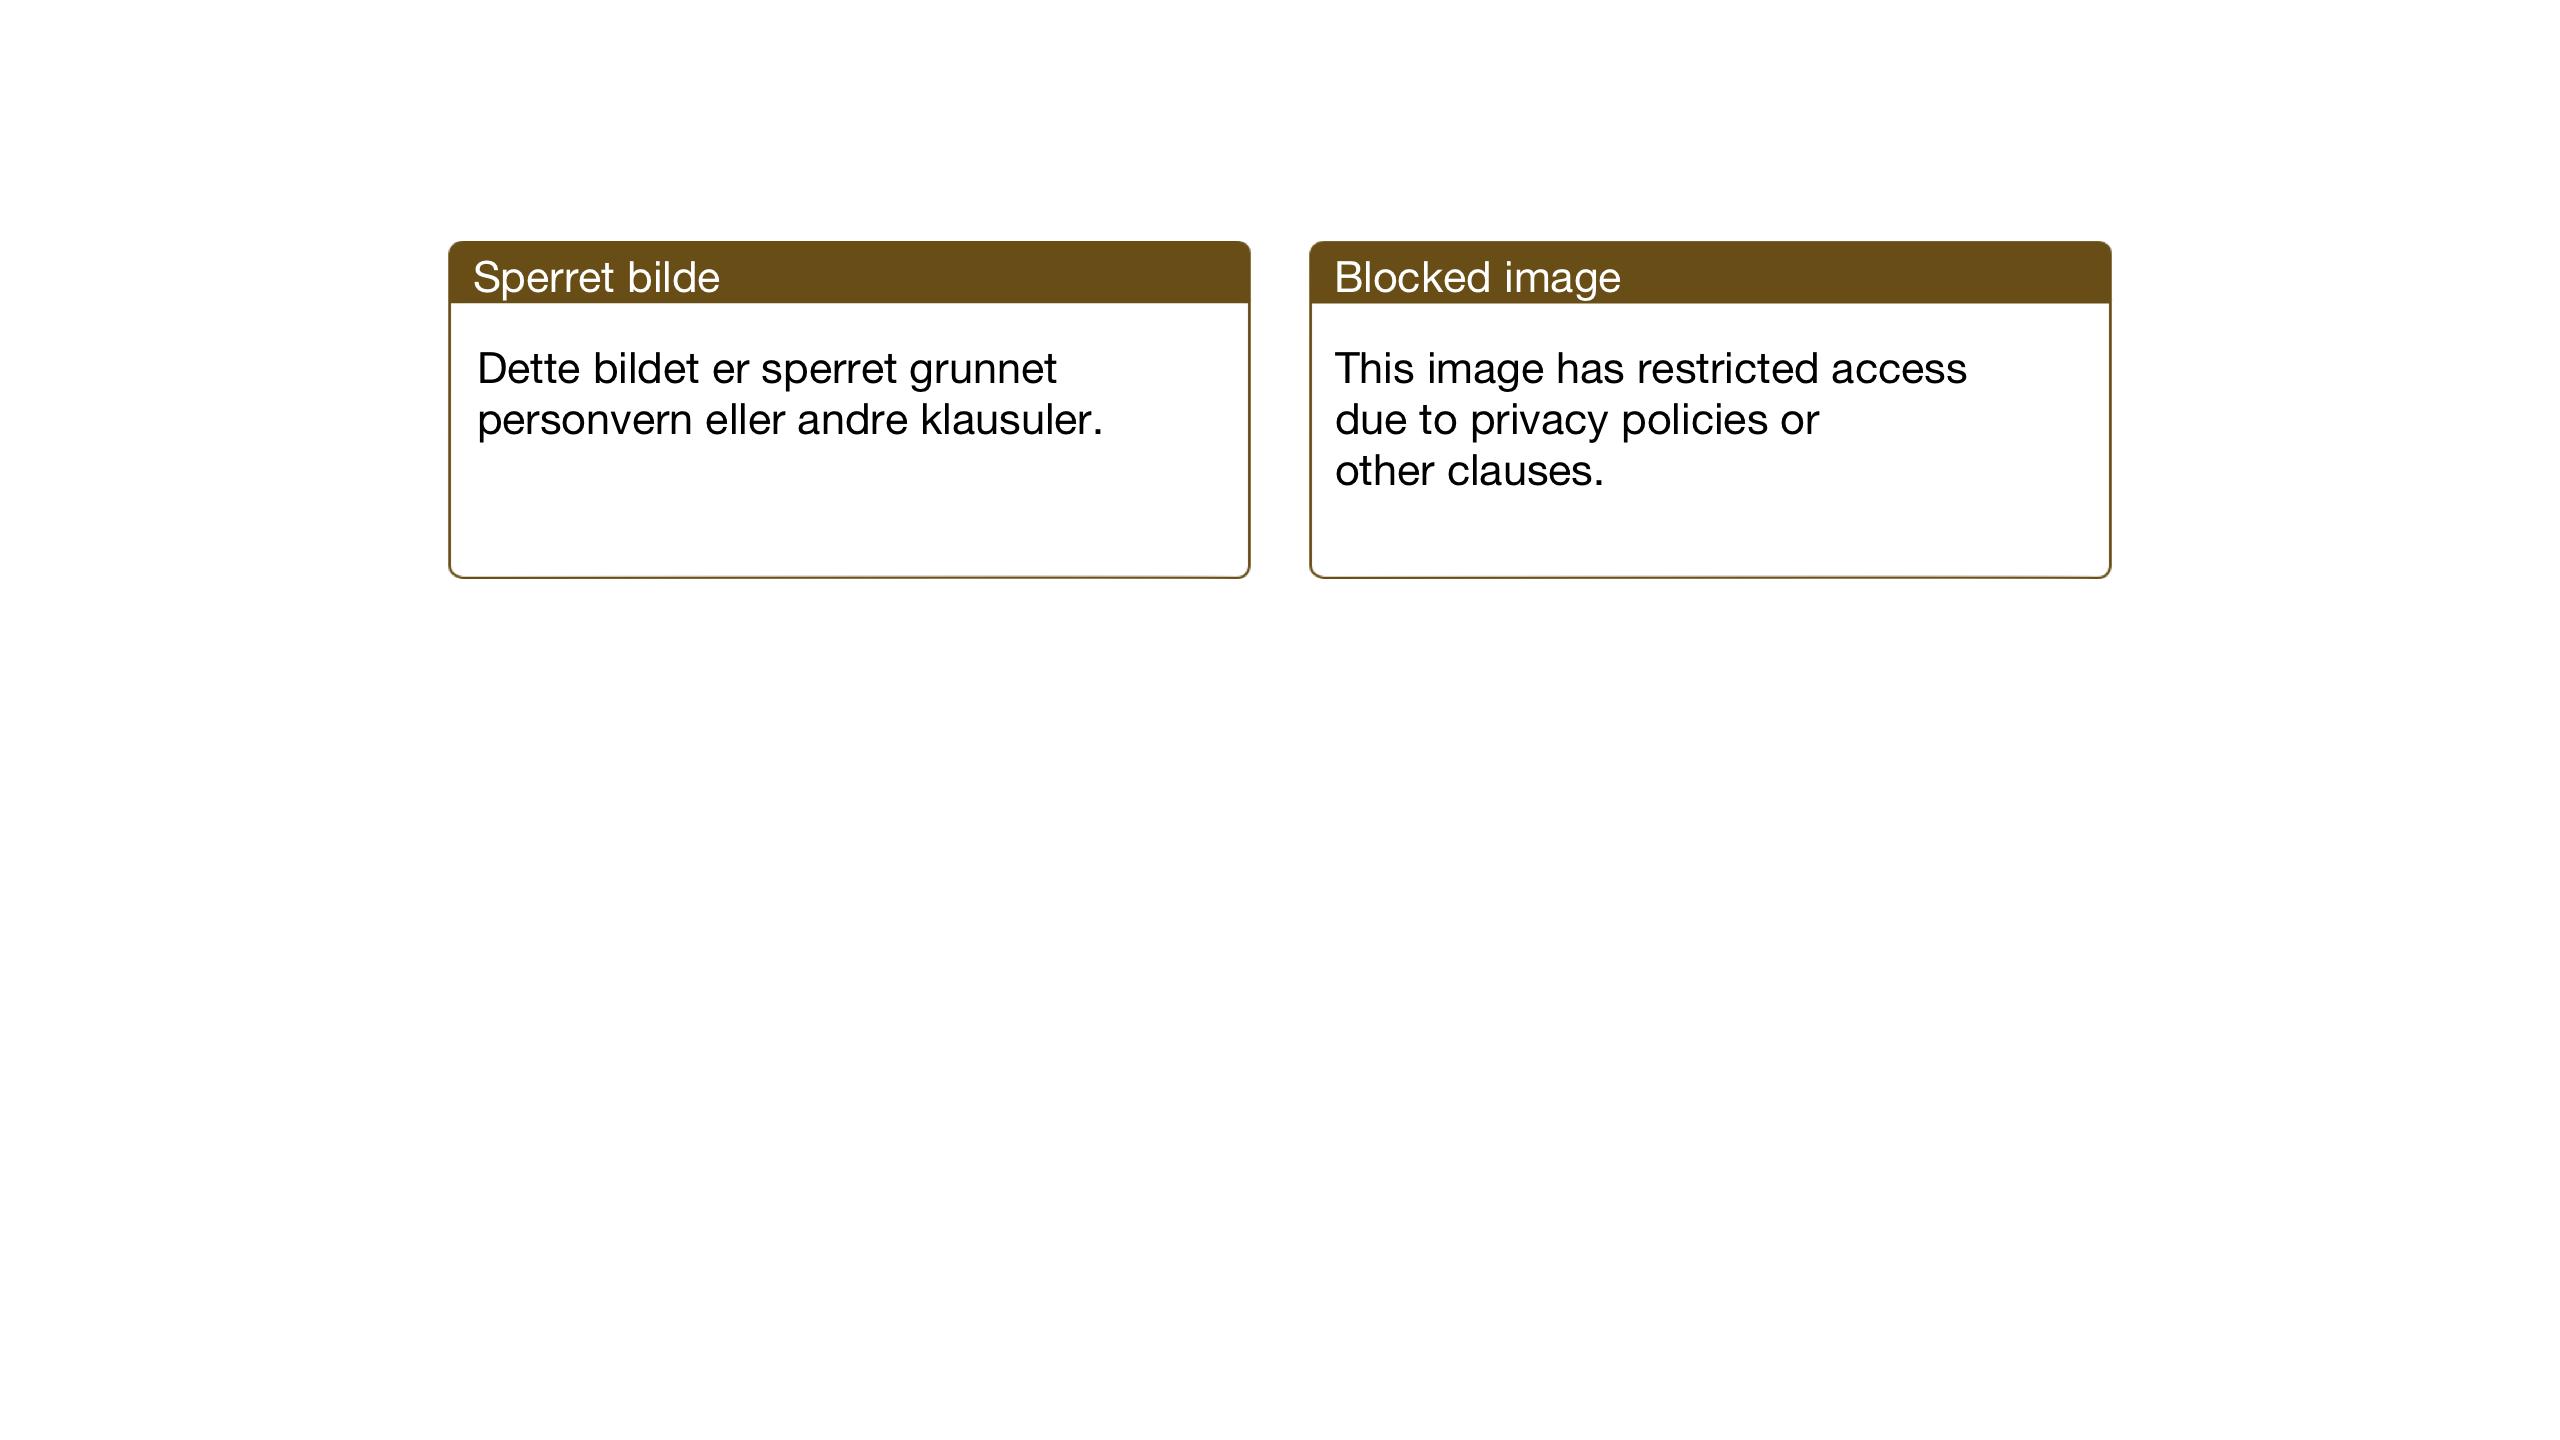 SAT, Ministerialprotokoller, klokkerbøker og fødselsregistre - Sør-Trøndelag, 604/L0227: Klokkerbok nr. 604C10, 1923-1942, s. 111